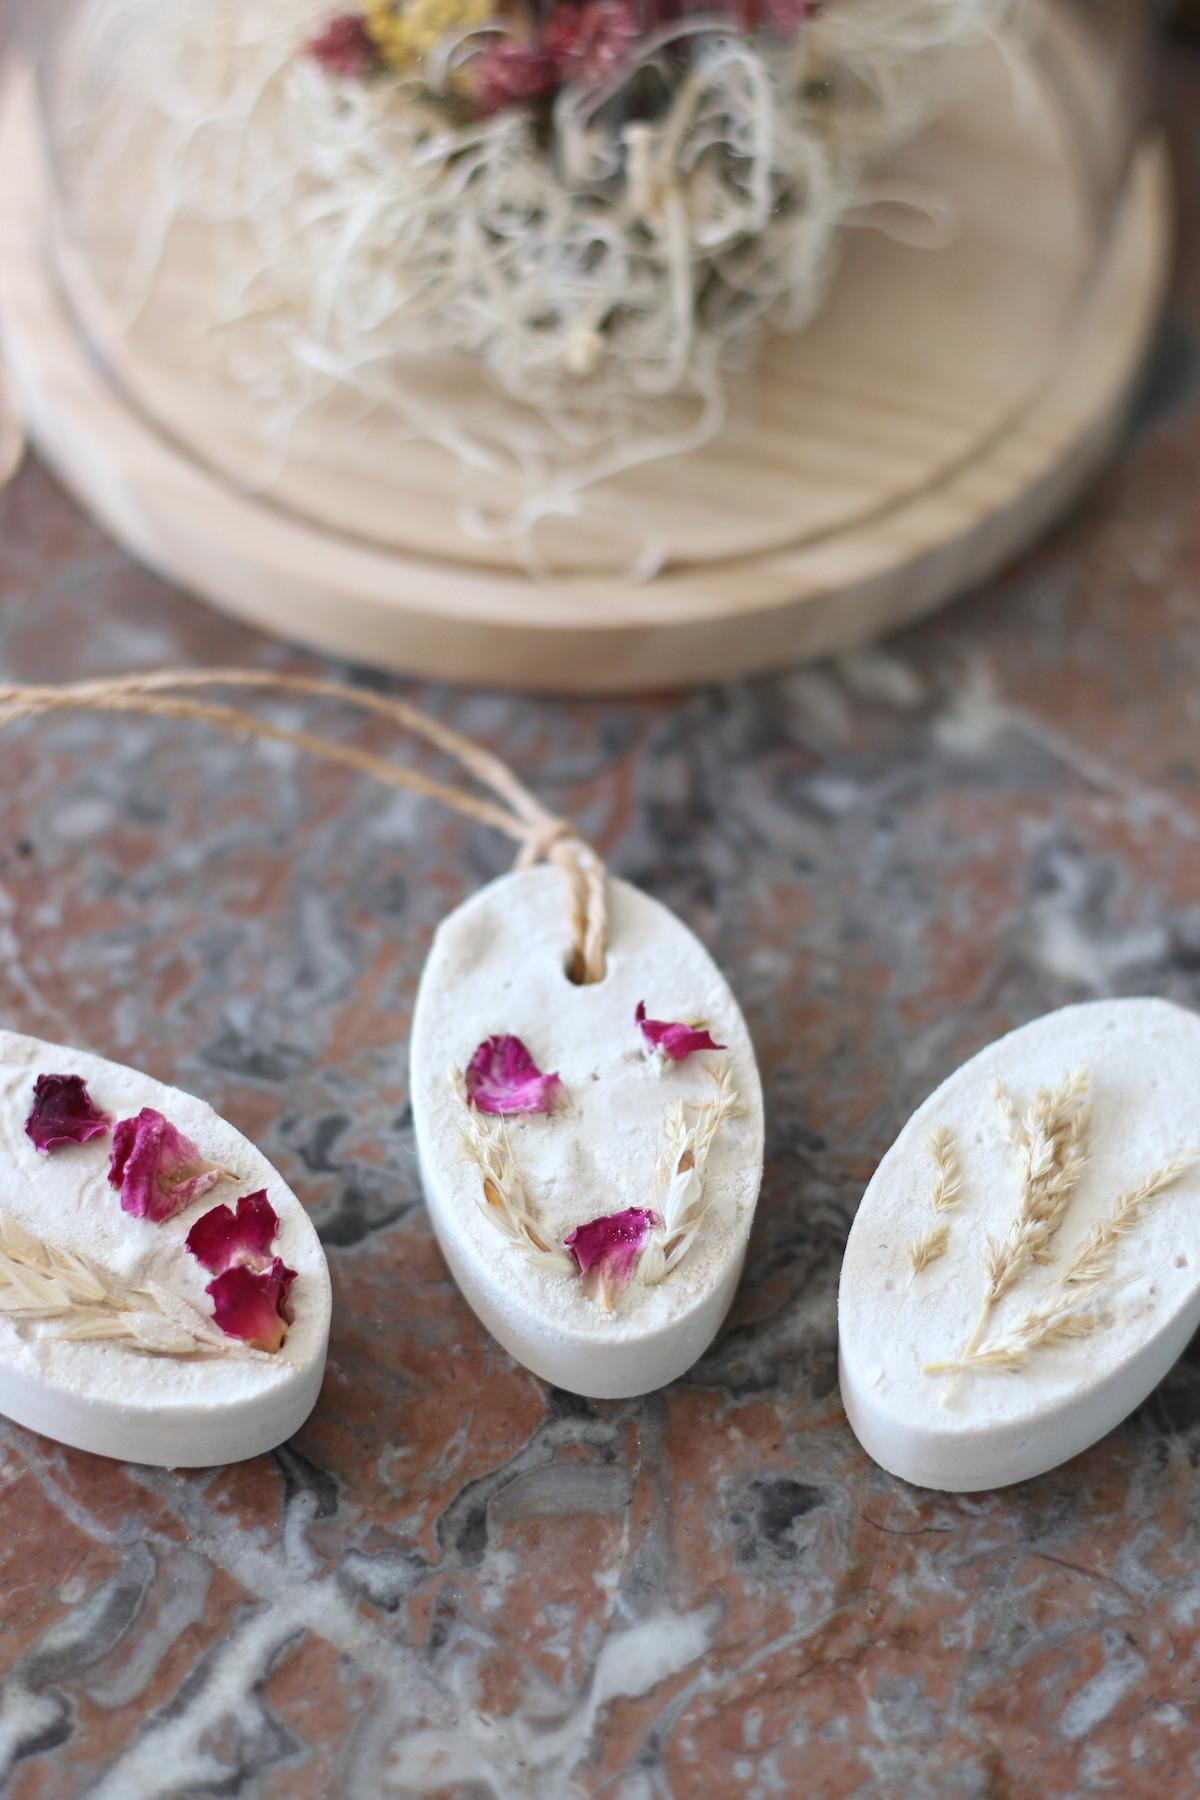 comment fabriquer soi-même décoration plâtre parfumé à suspendre